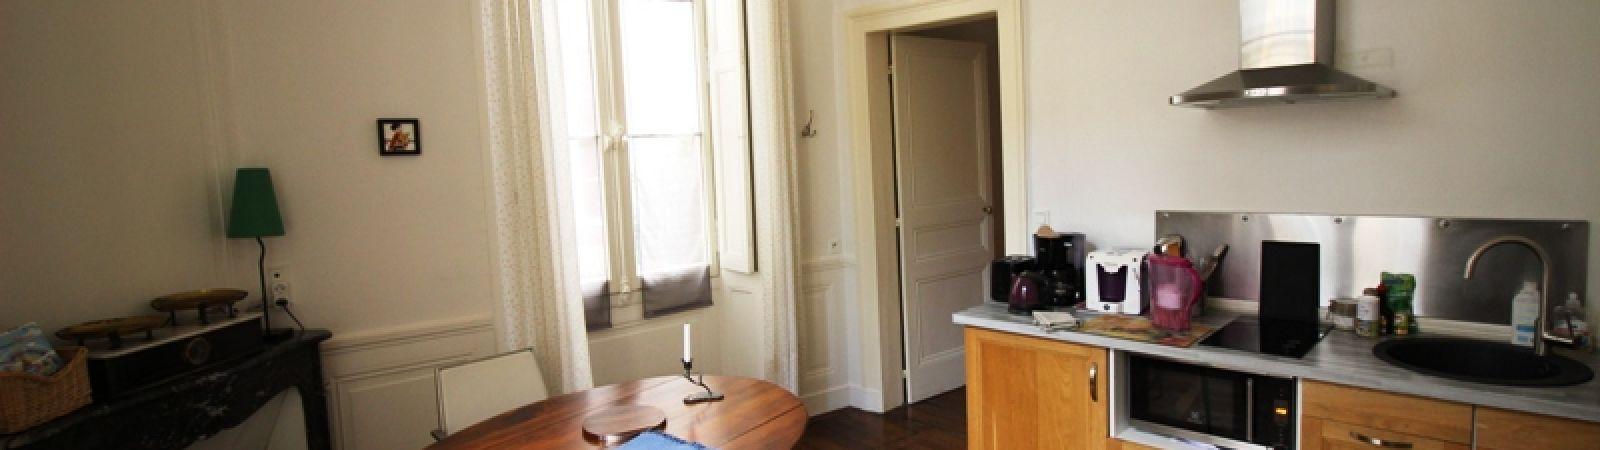 photo 4: Ensemble de 6 appartements